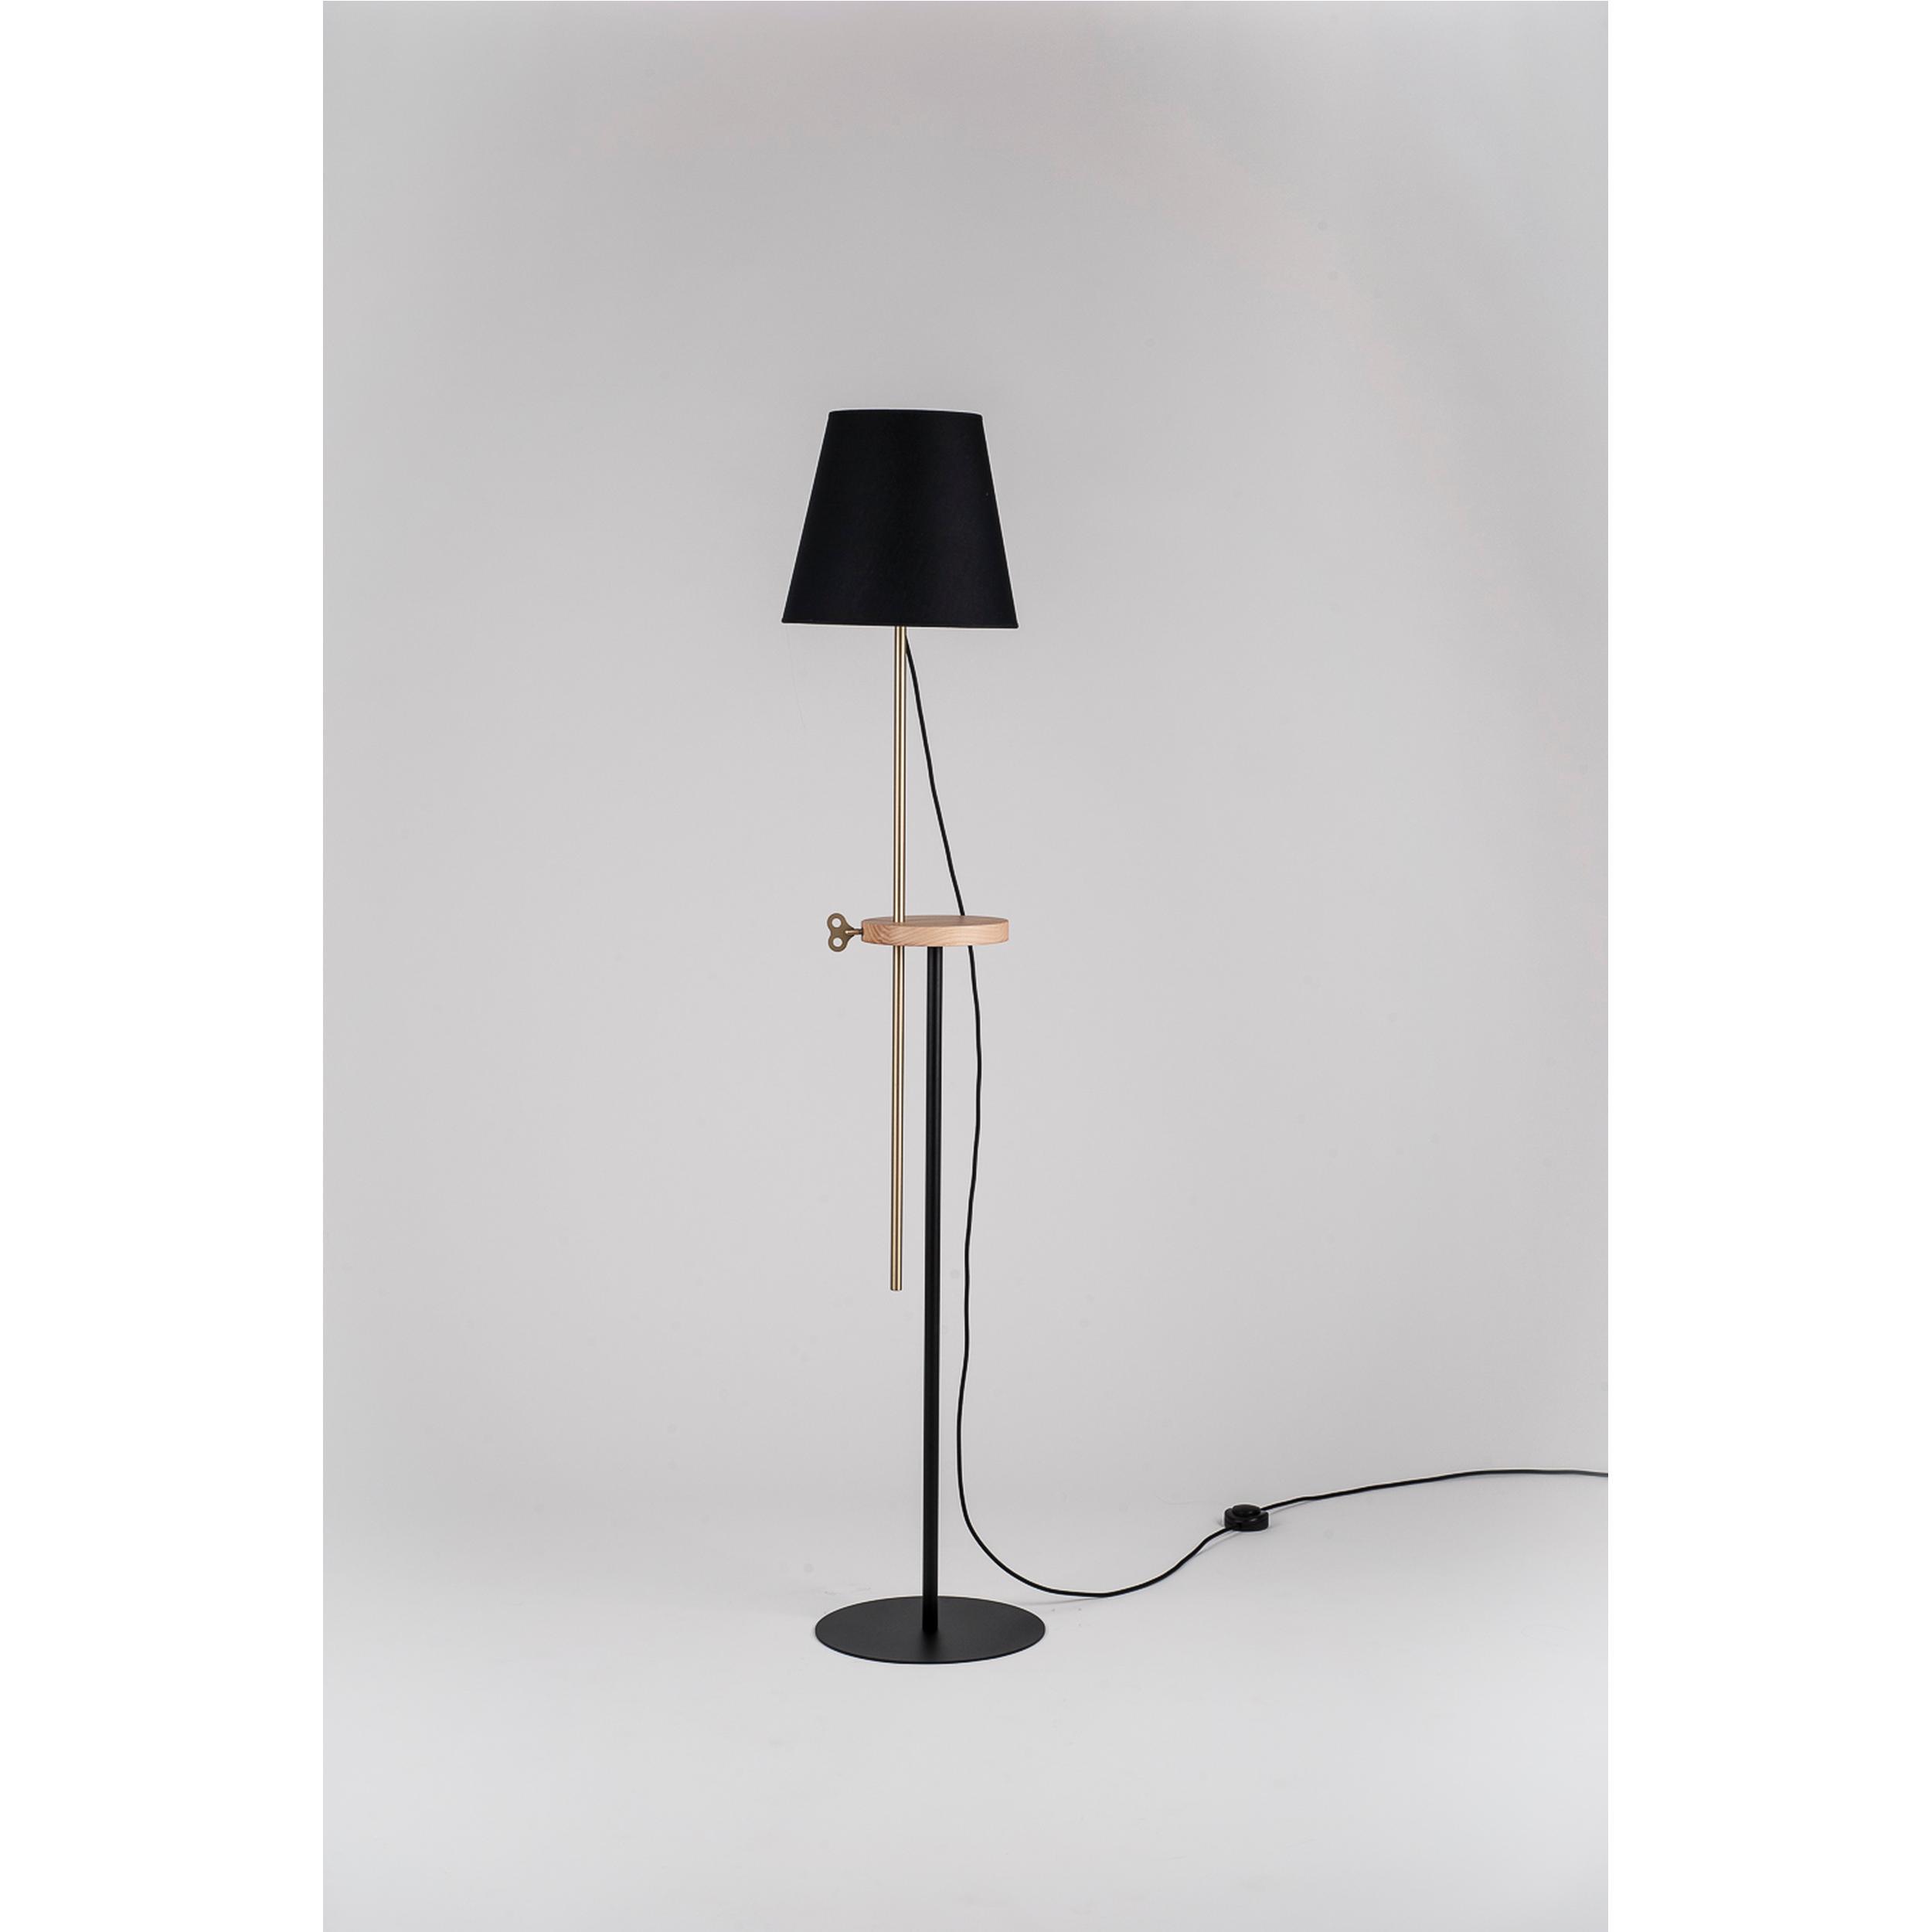 Lampada, piantana regolabile in altezza CAMILLA 30xh180 cm acciaio ...